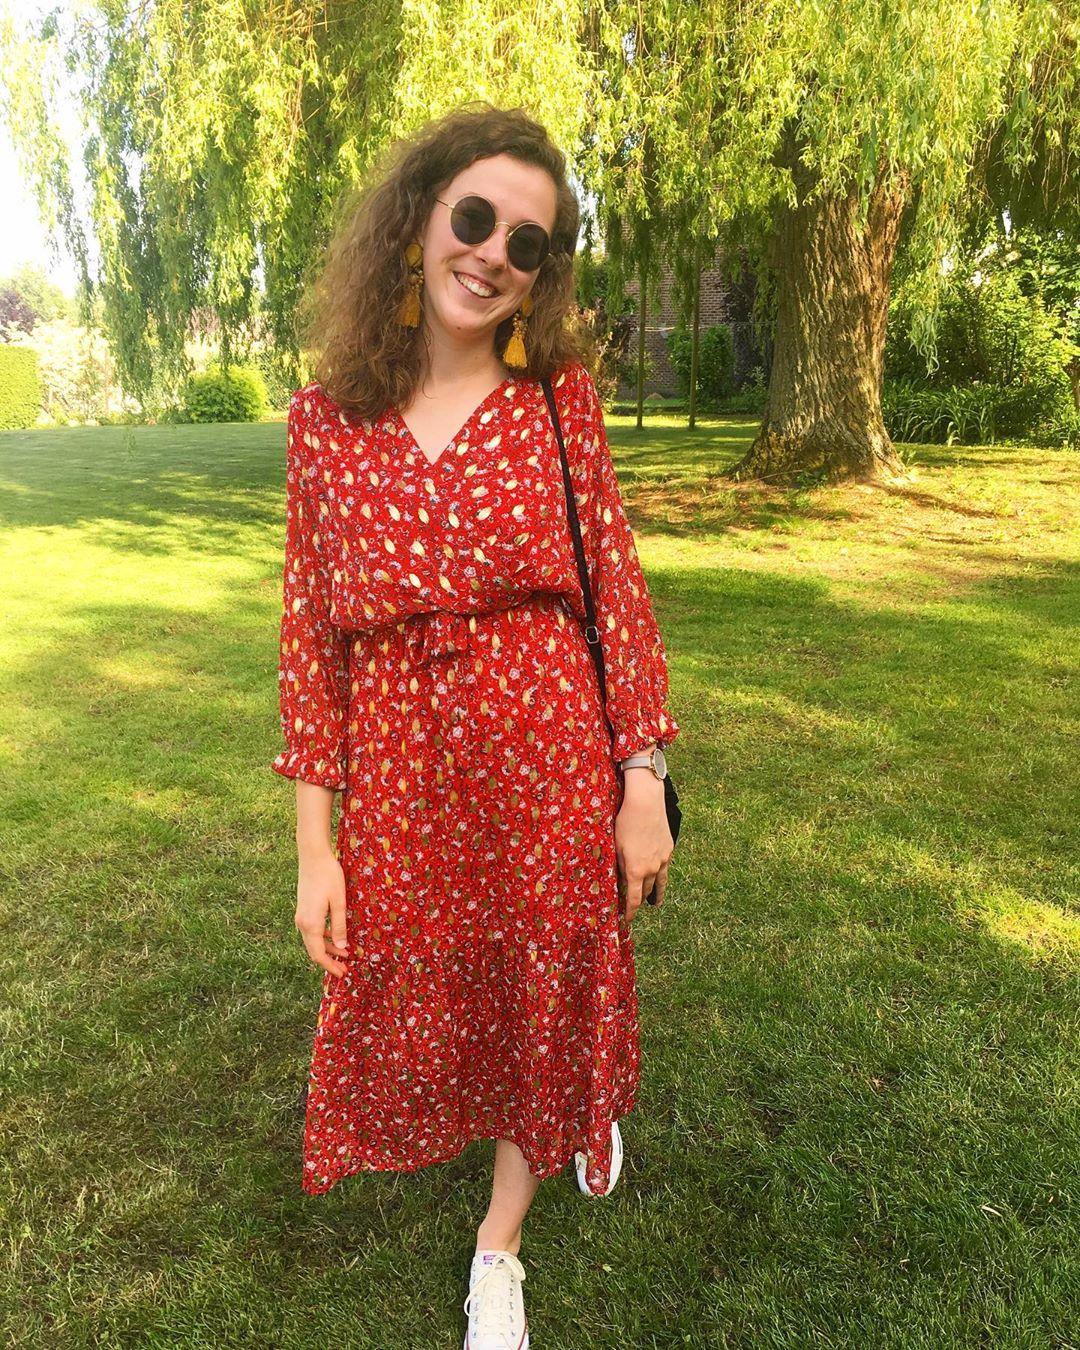 red floral/gold dress de Les Bourgeoises sur odiledelw